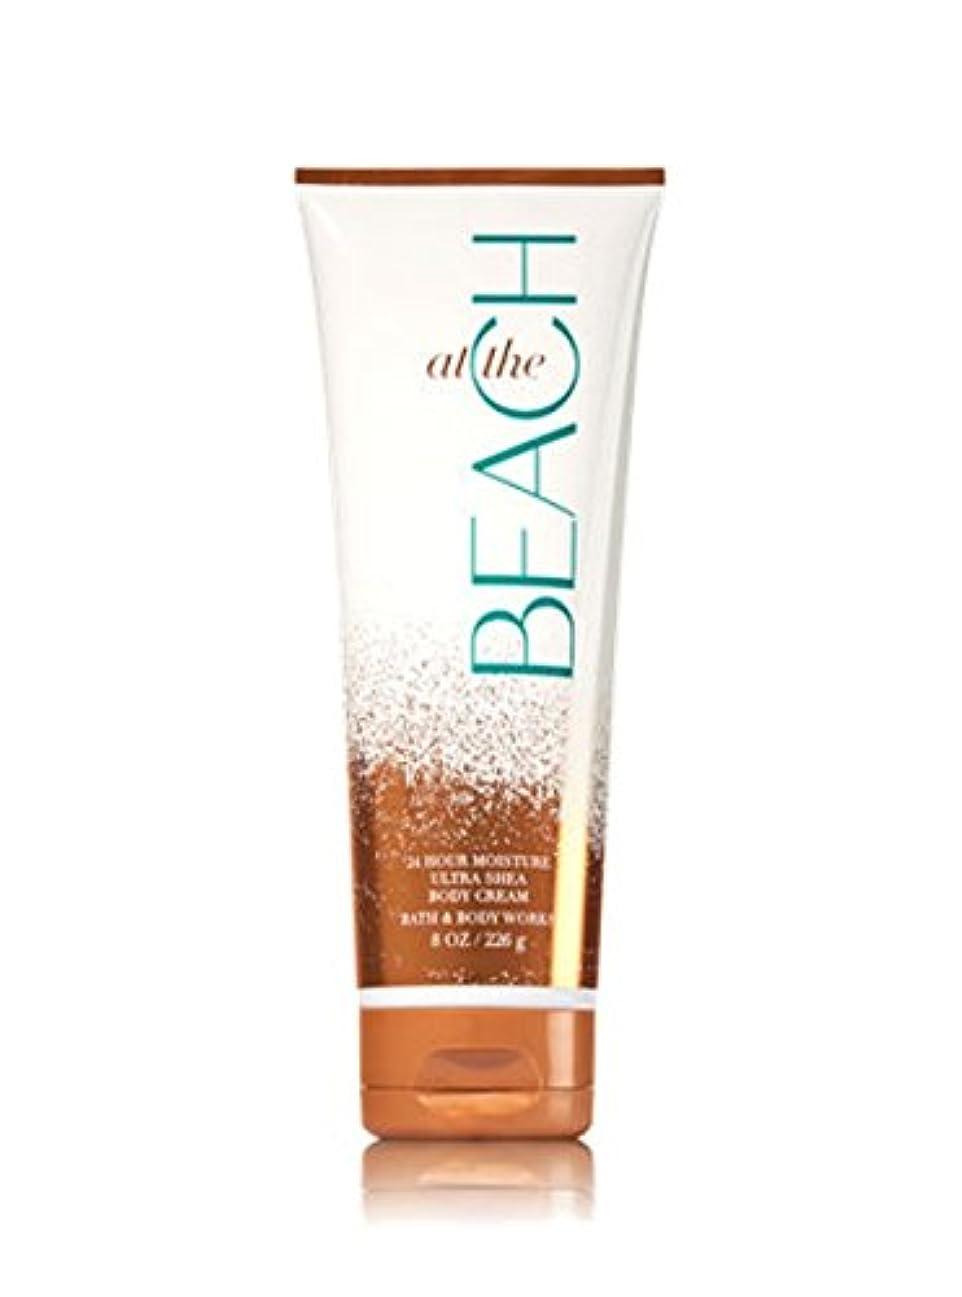 生き物とても植物学者【Bath&Body Works/バス&ボディワークス】 ボディクリーム アットザビーチ Ultra Shea Body Cream At The Beach 8 oz / 226 g [並行輸入品]